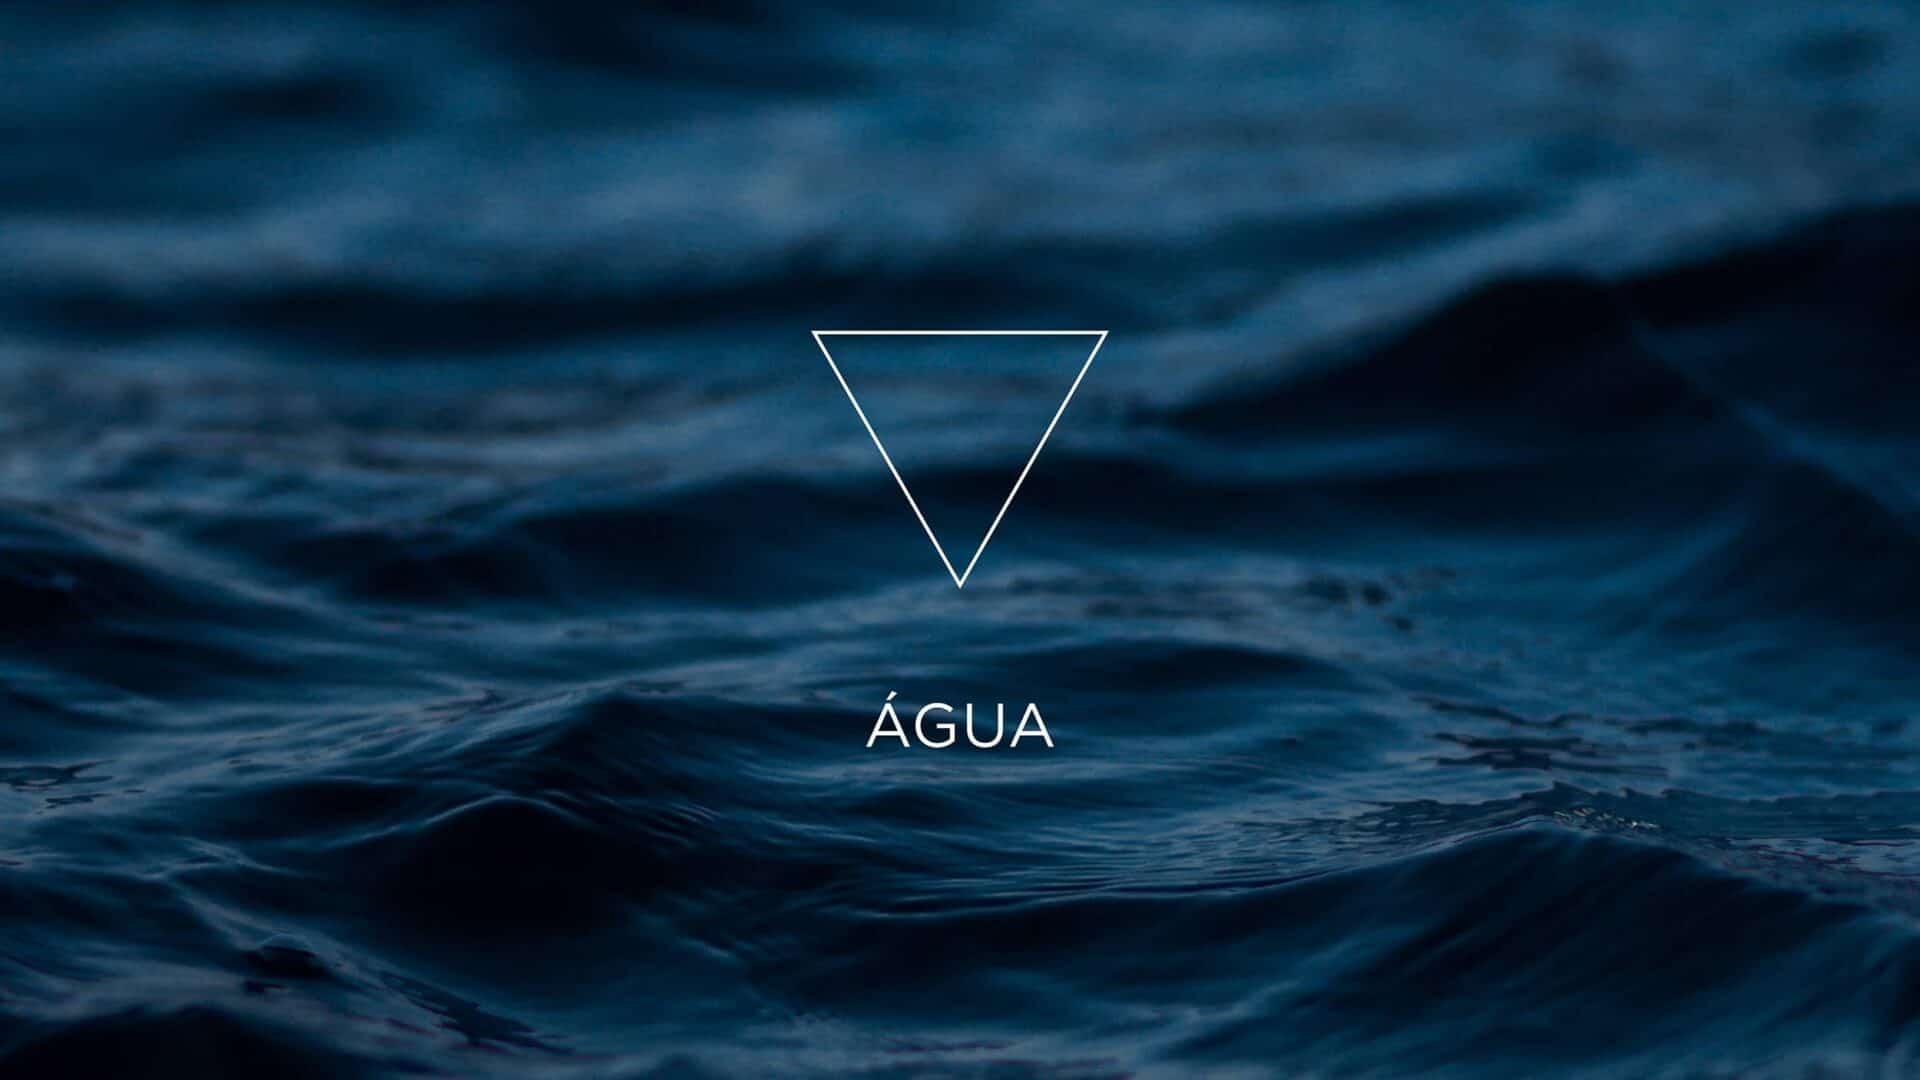 Pequenas ondas no mar e o símbolo do elemento Água